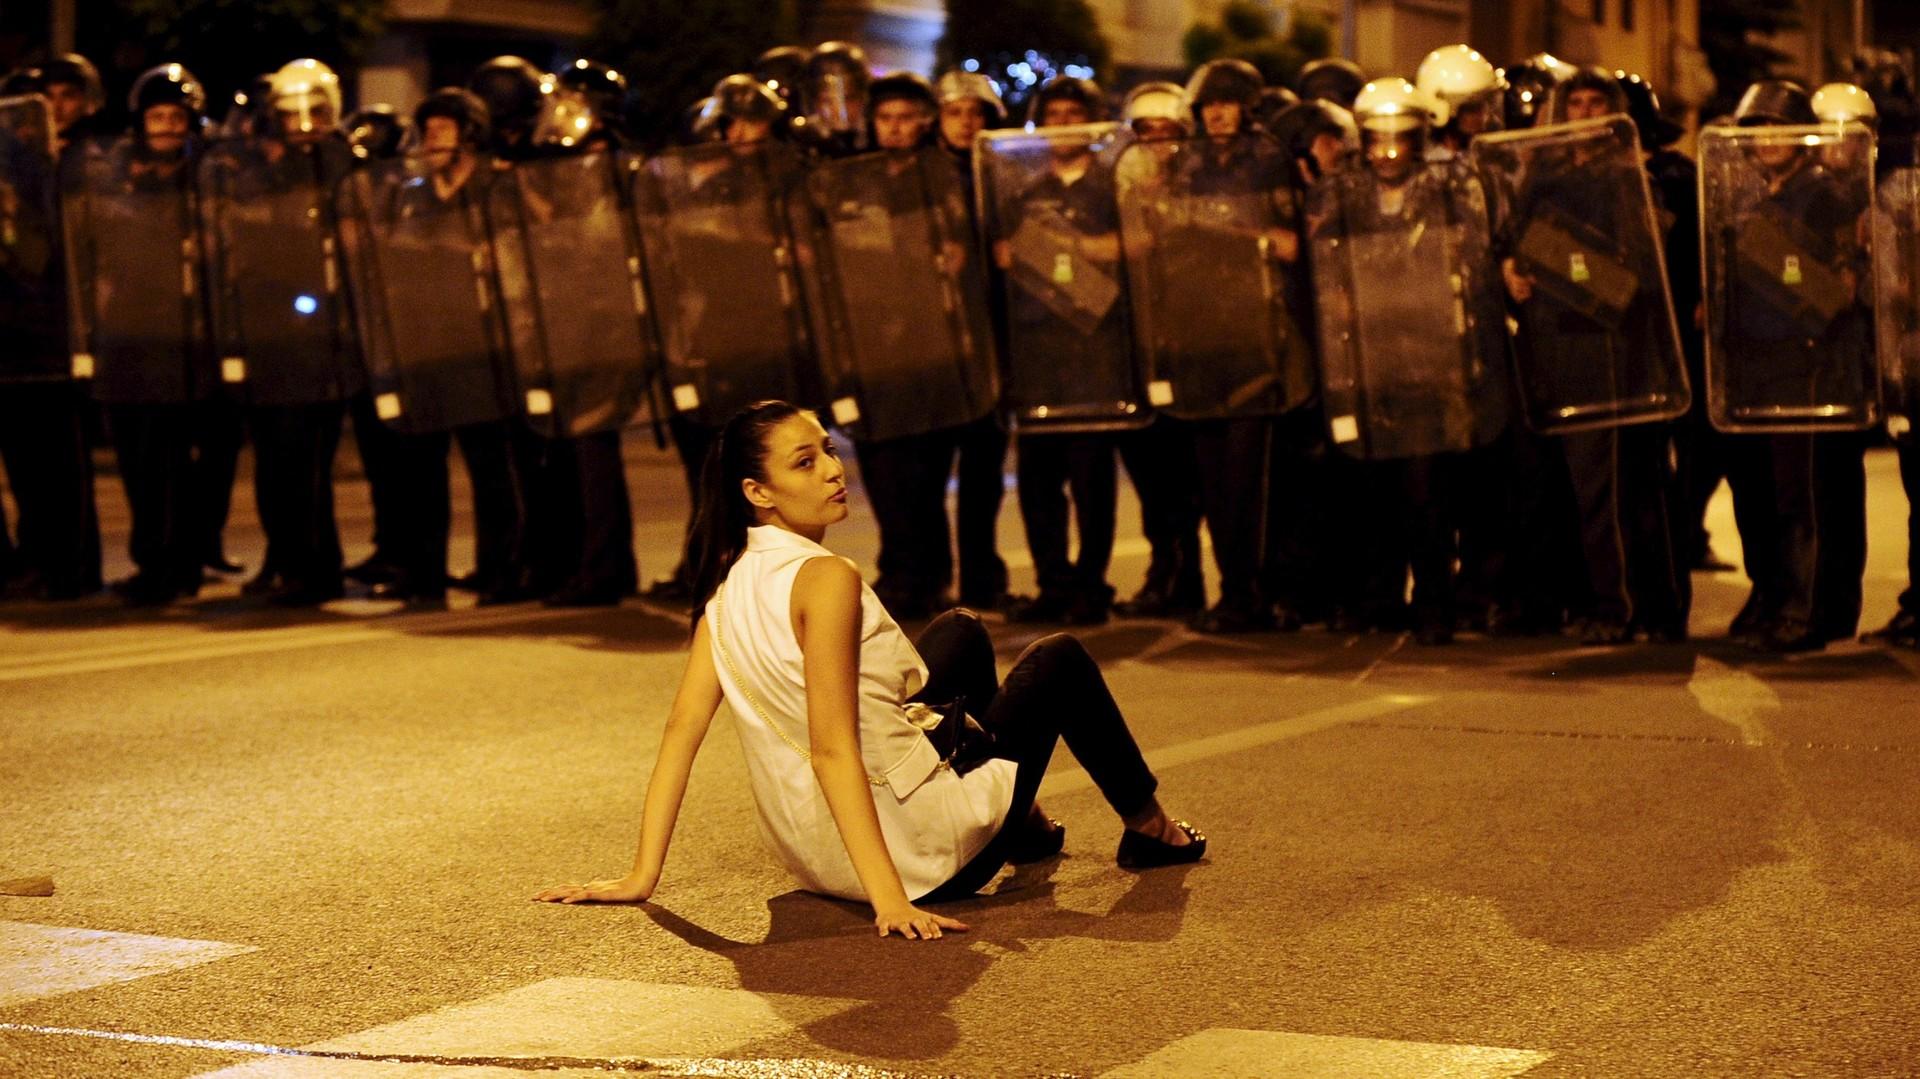 Des émeutes à Skopje